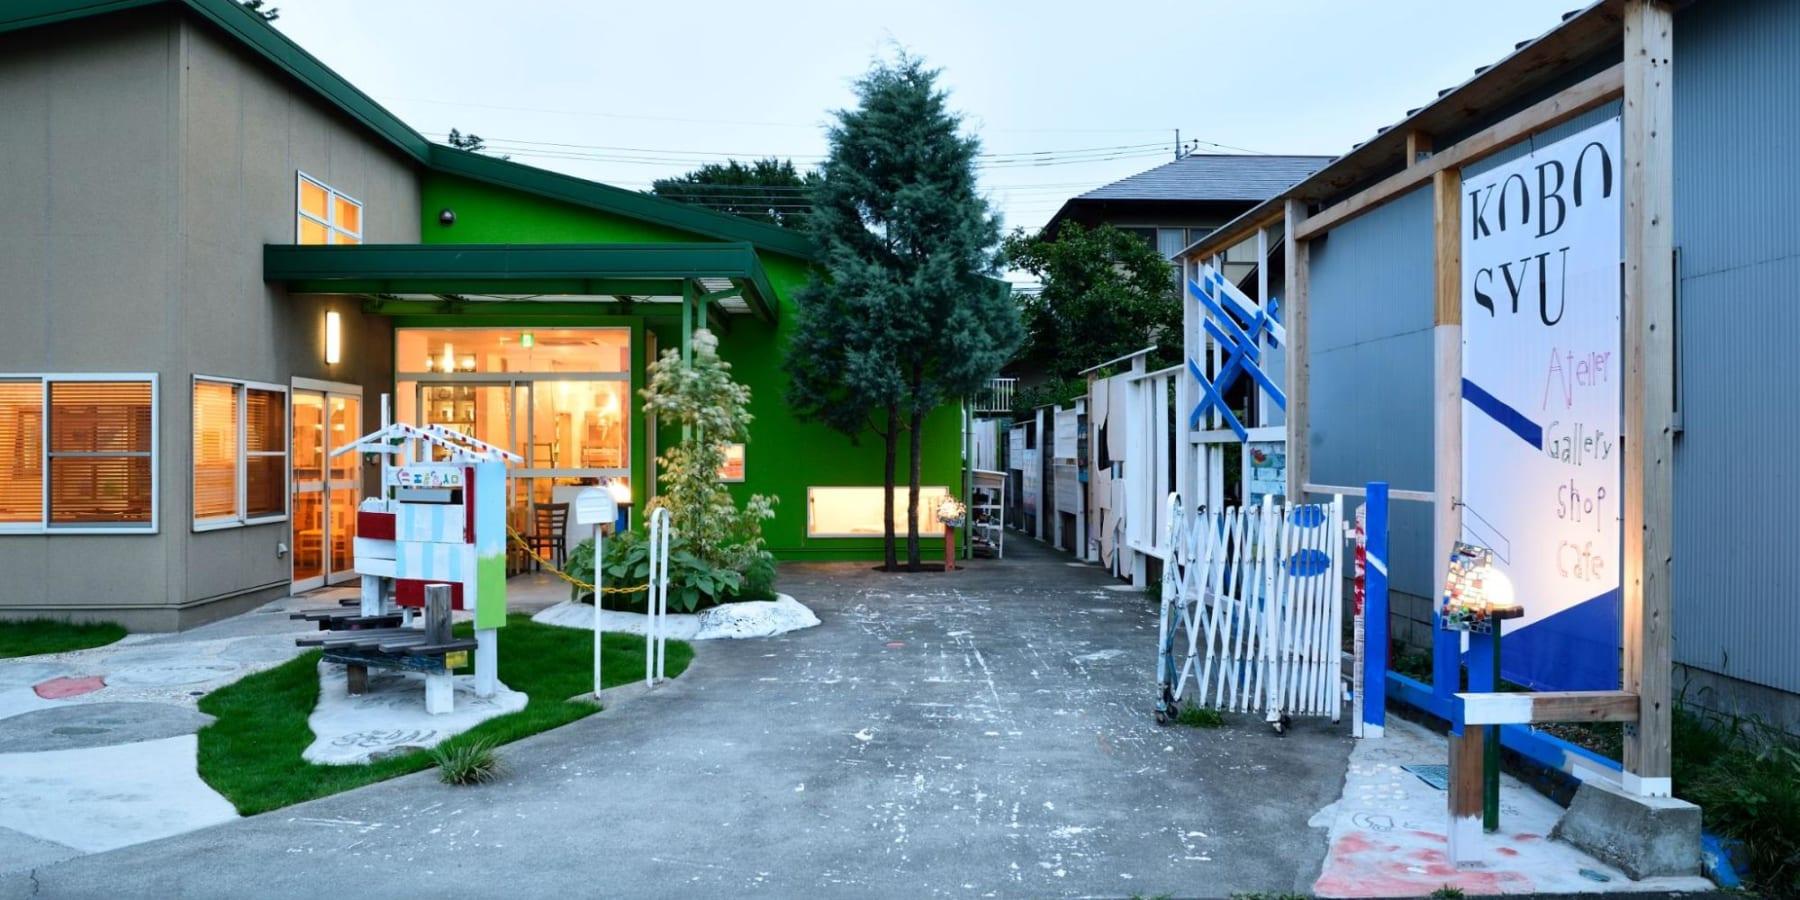 障がいがあってもなくても、一人ひとりの創造性を育む場へ。アートセンター「工房集」